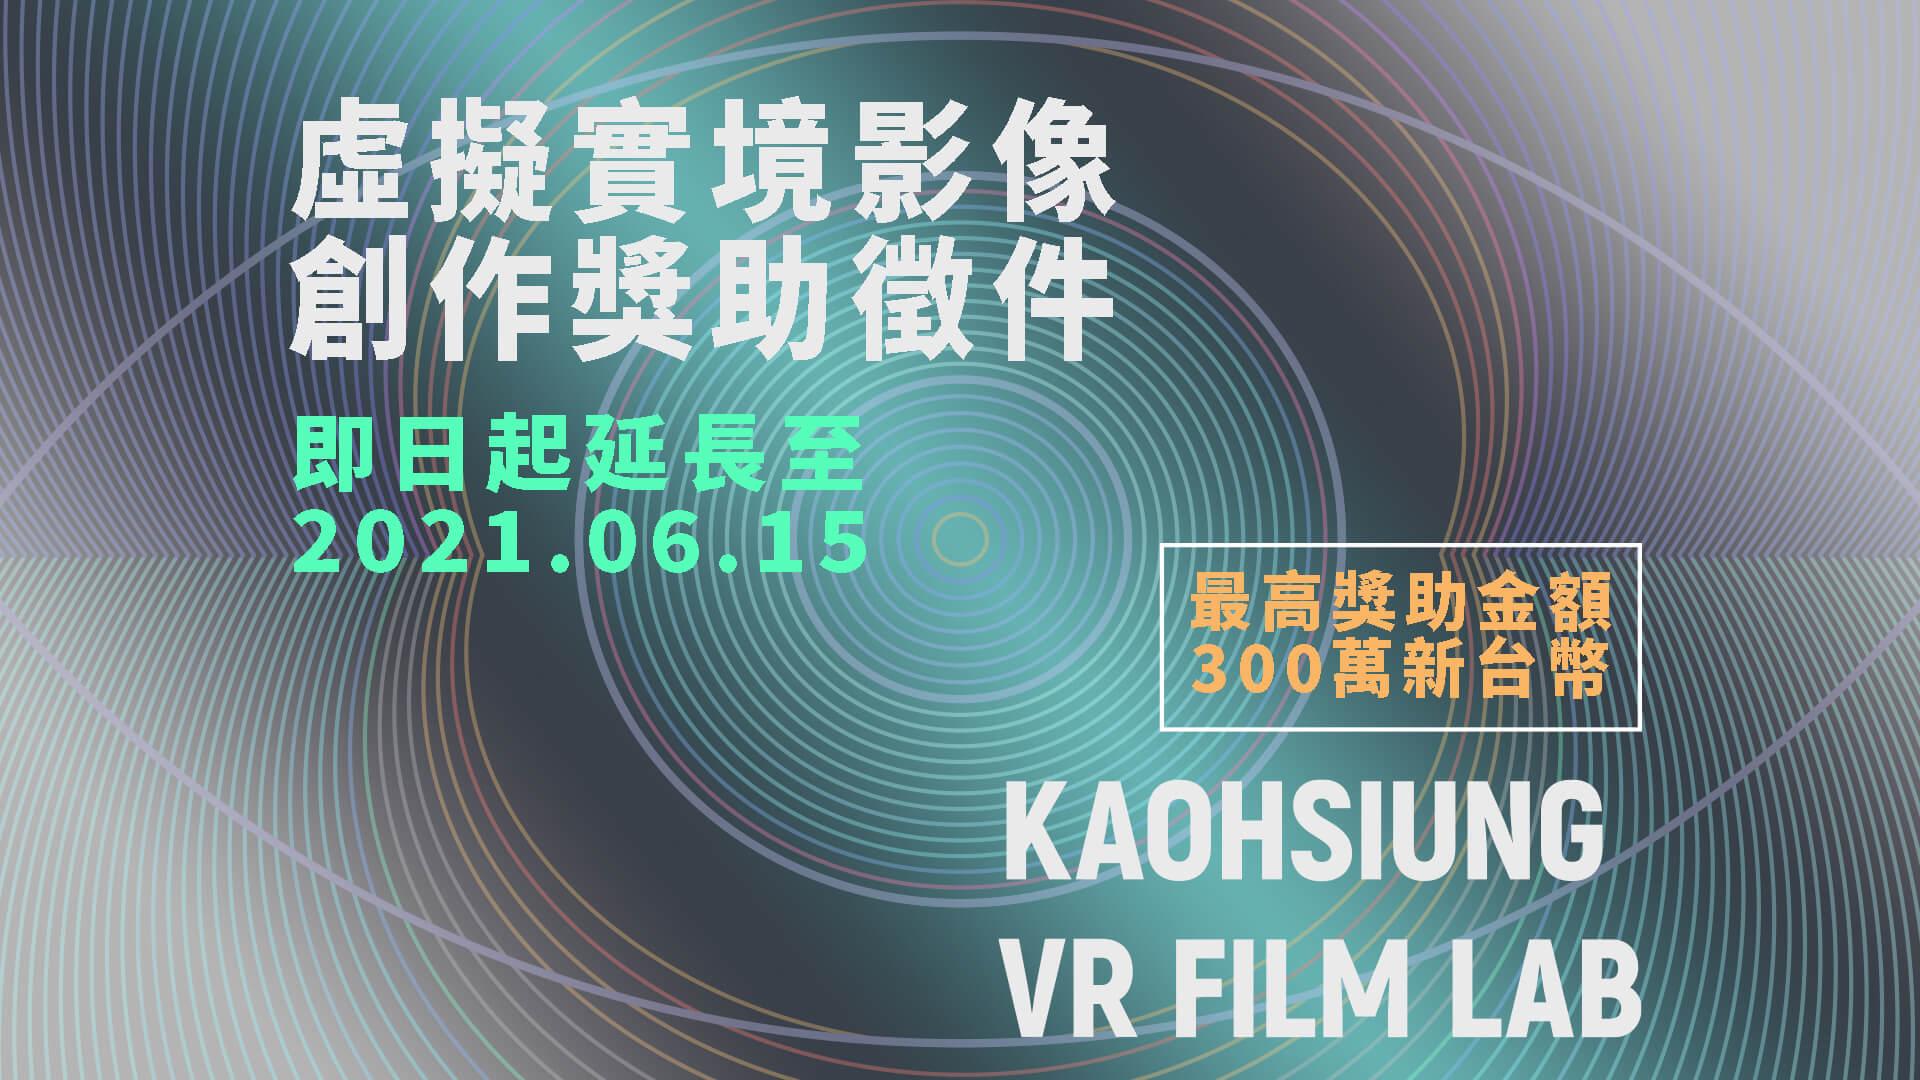 【徵件】110年度高雄市電影館「VR FILM LAB」 虛擬實境影像創作獎助(試辦)計畫徵案